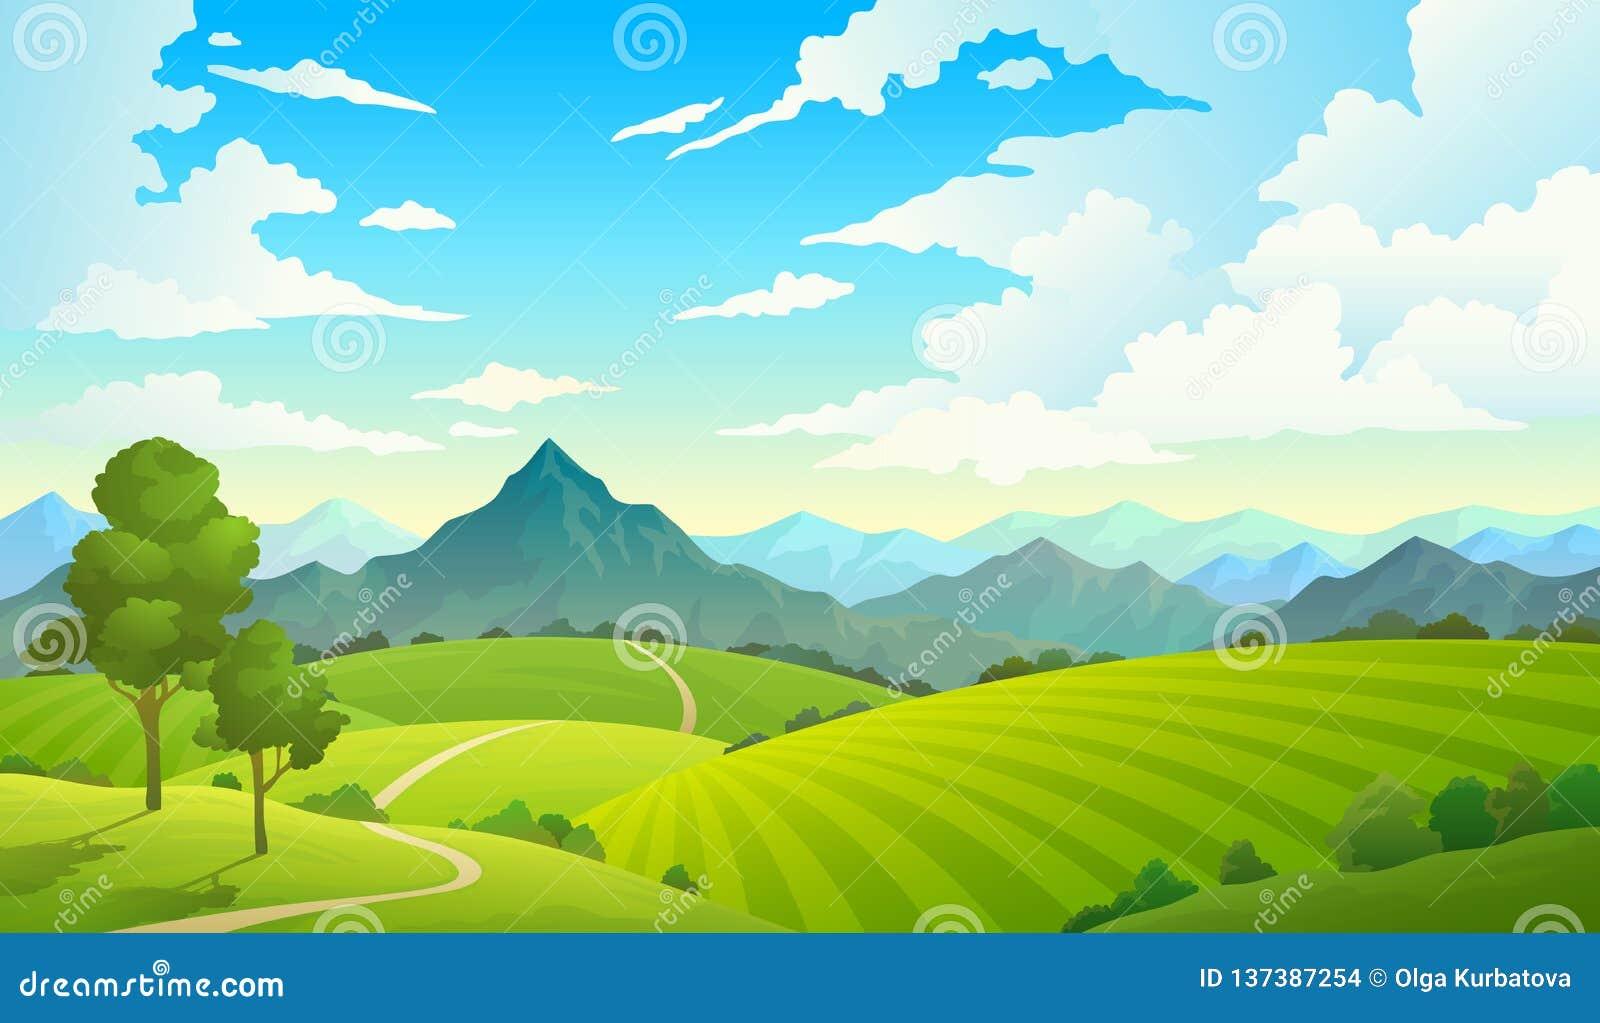 Weiden met bergen Van de het gebiedsberg van de landschapsheuvel van de het landhemel van het de aardgras wilde bos het plattelan